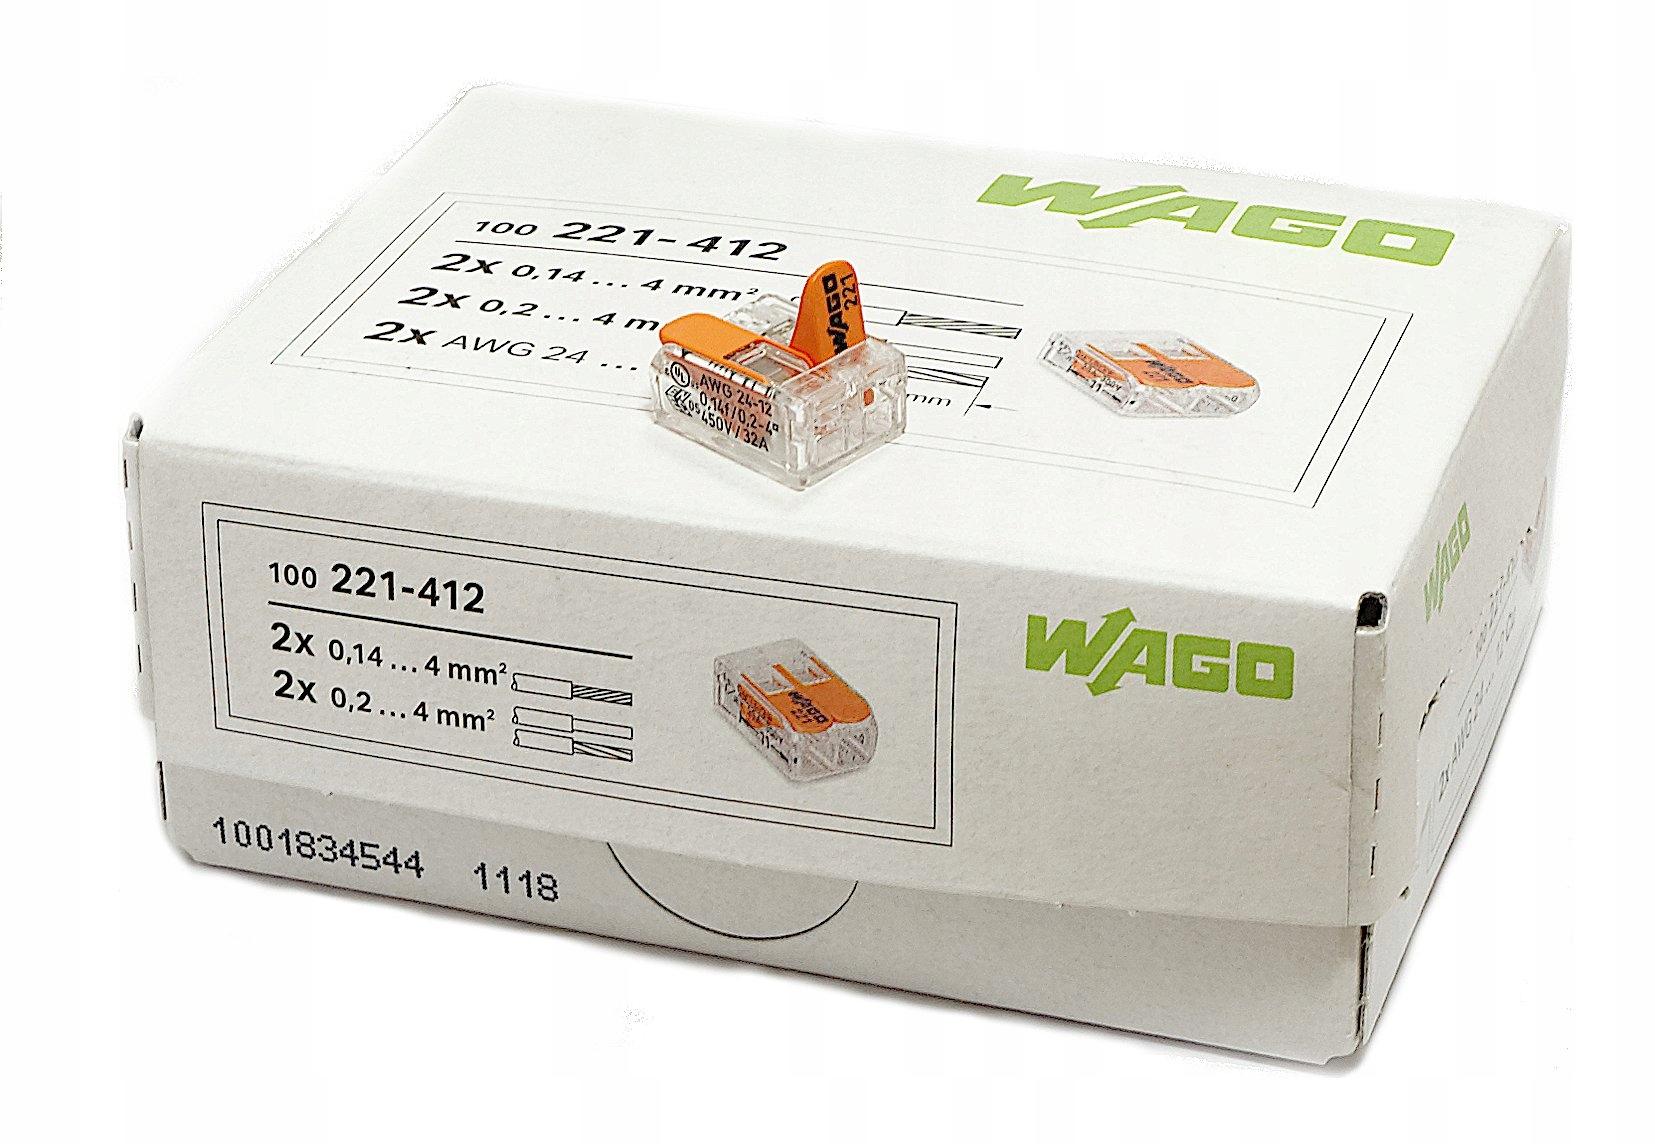 разъем клеммник 221-412 Wago 2x0,2 -4мм 100 штук